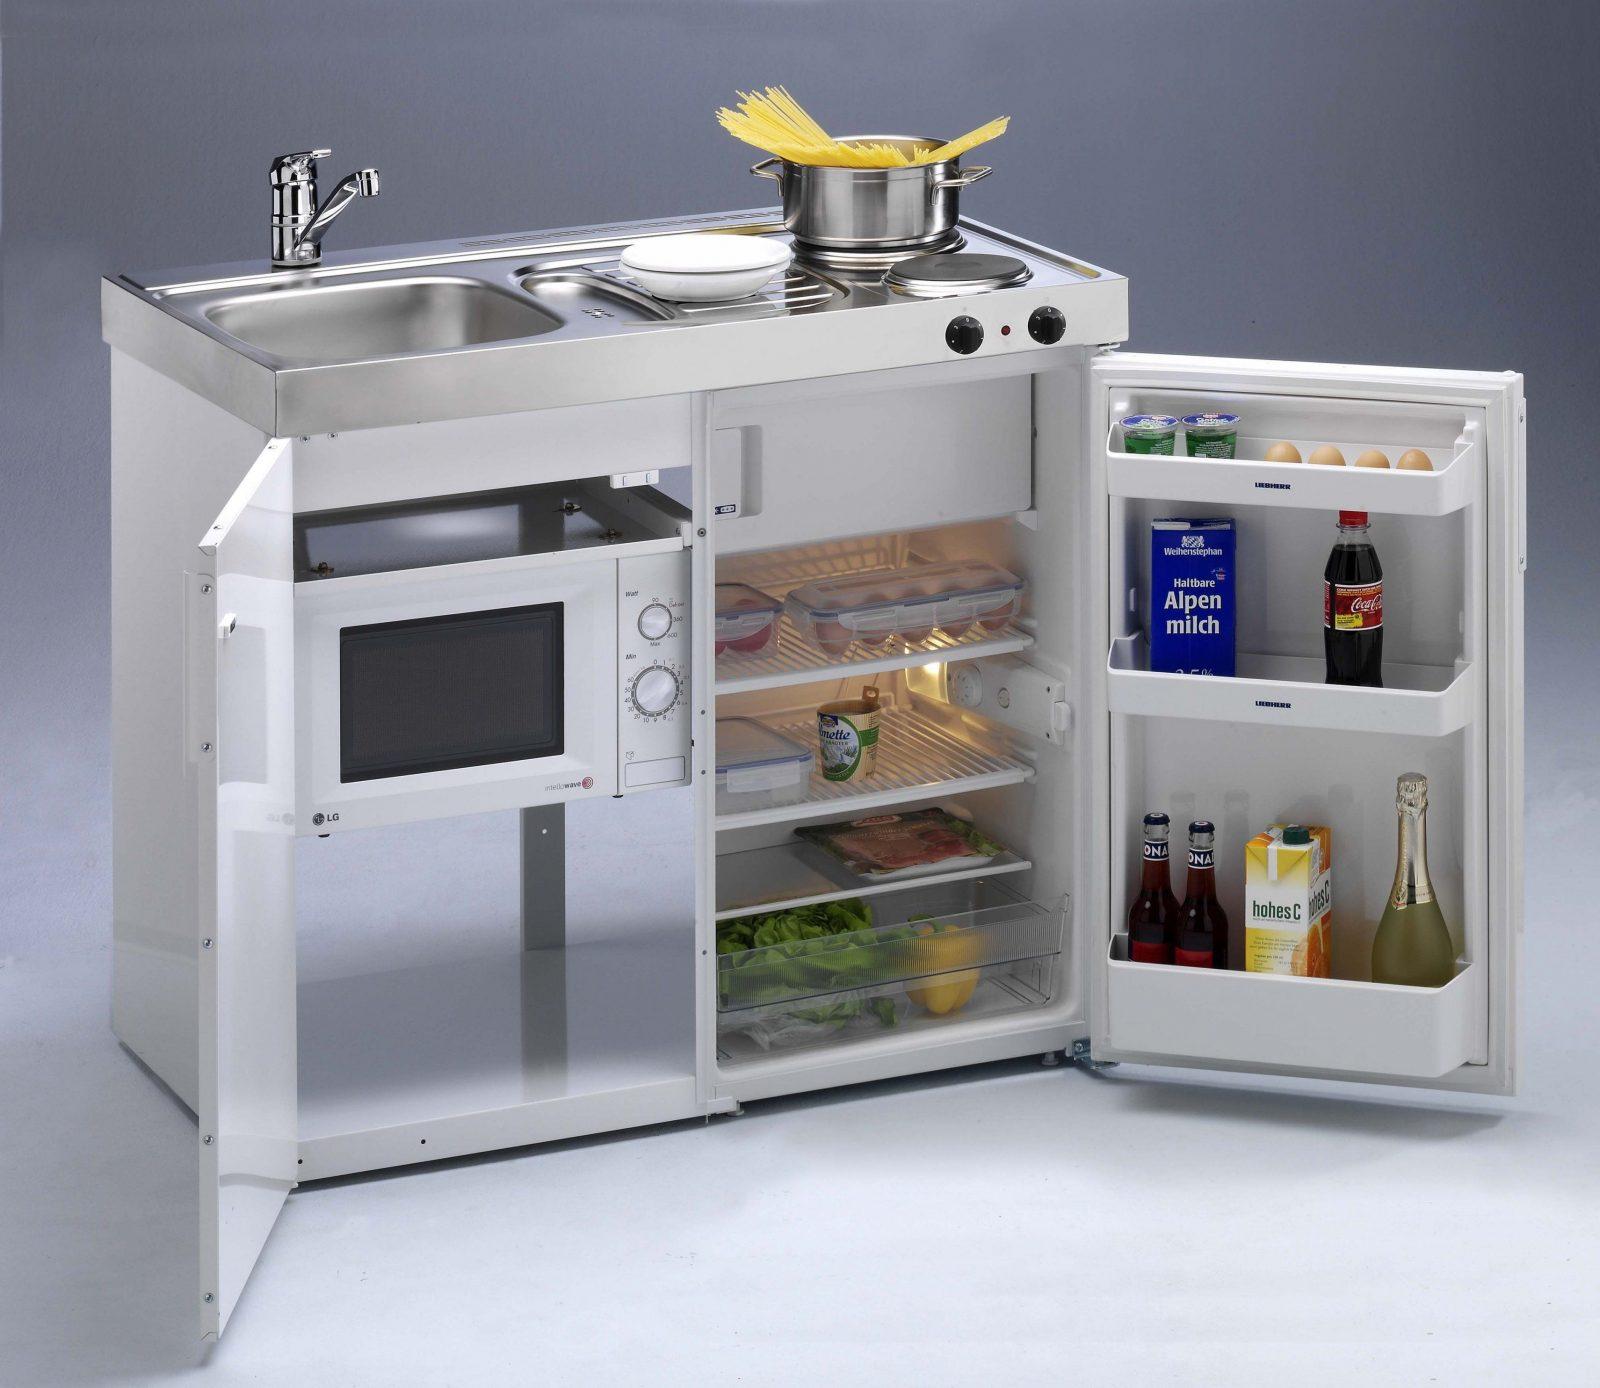 Miniküche 100 Cm Mit Kühlschrank Di45 – Hitoiro von Pantryküche 100 Cm Mit Kühlschrank Photo